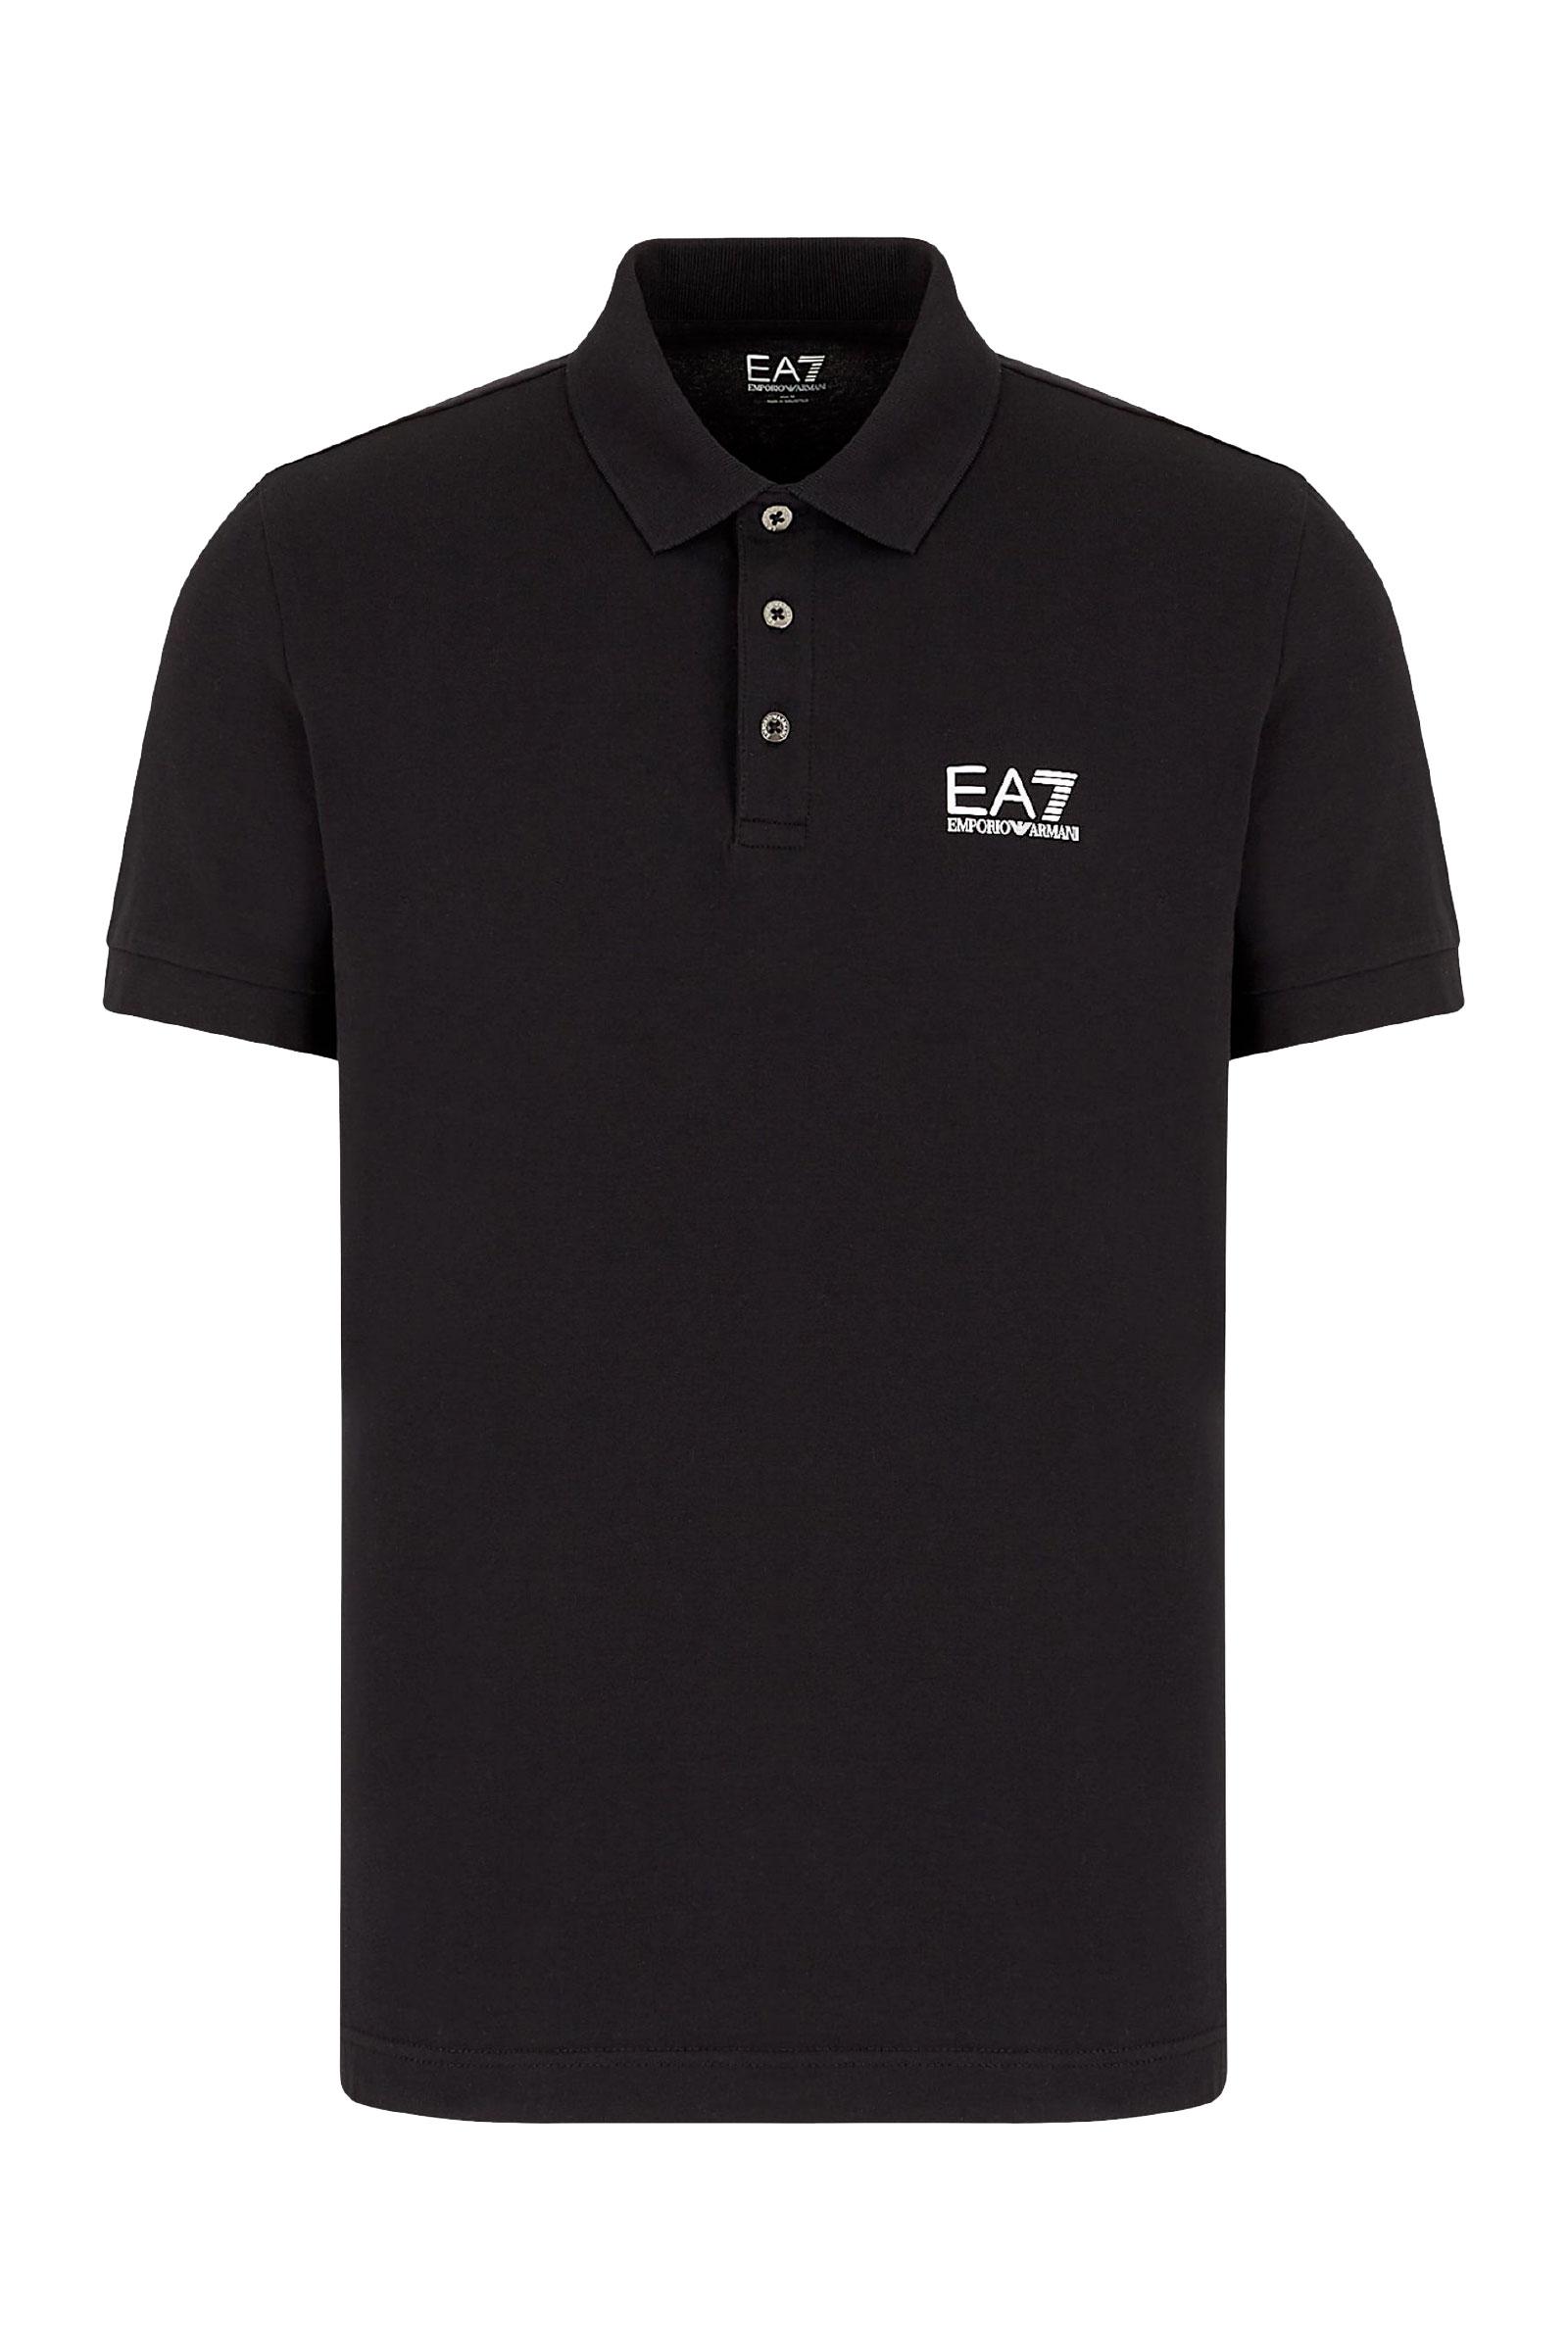 ARMANI EA7 Men's Polo Shirt ARMANI EA7 |  | 8NPF04 PJM5Z1200